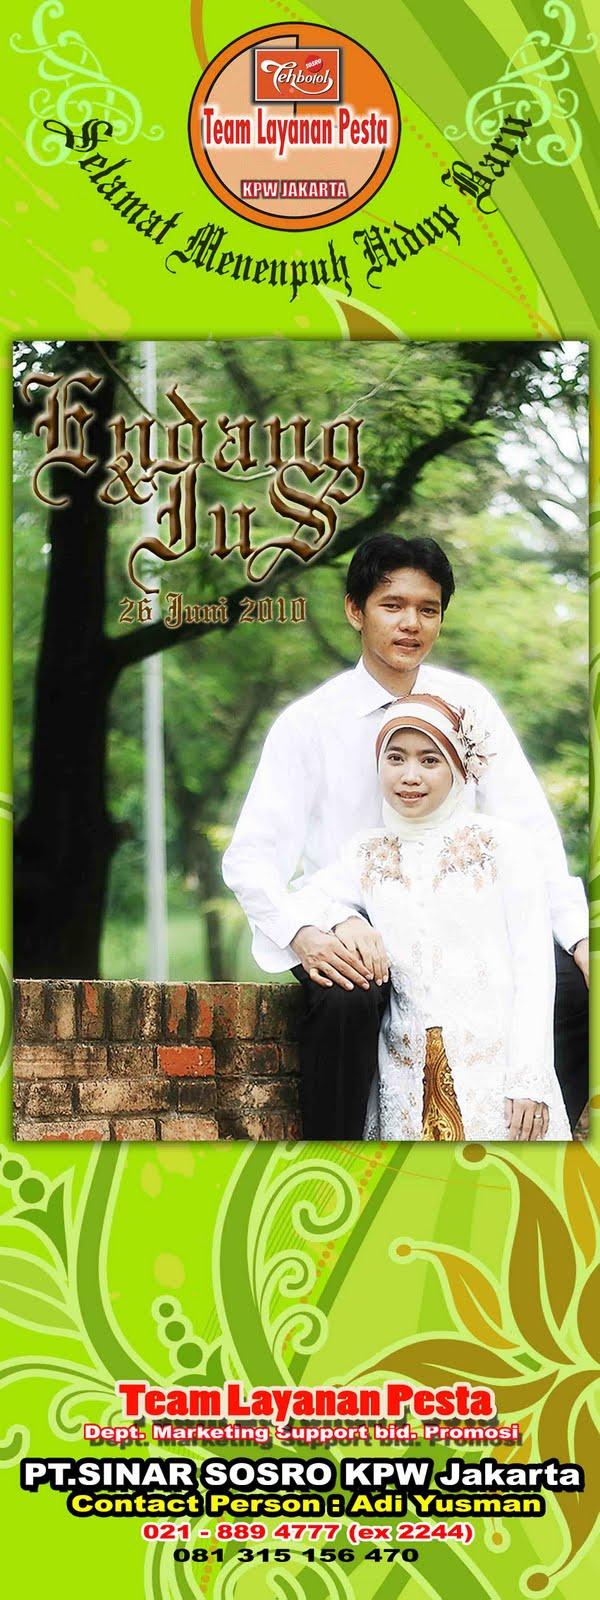 Design x banner pernikahan - Beberapa Design X Banner Layanan Pesta Terbaru